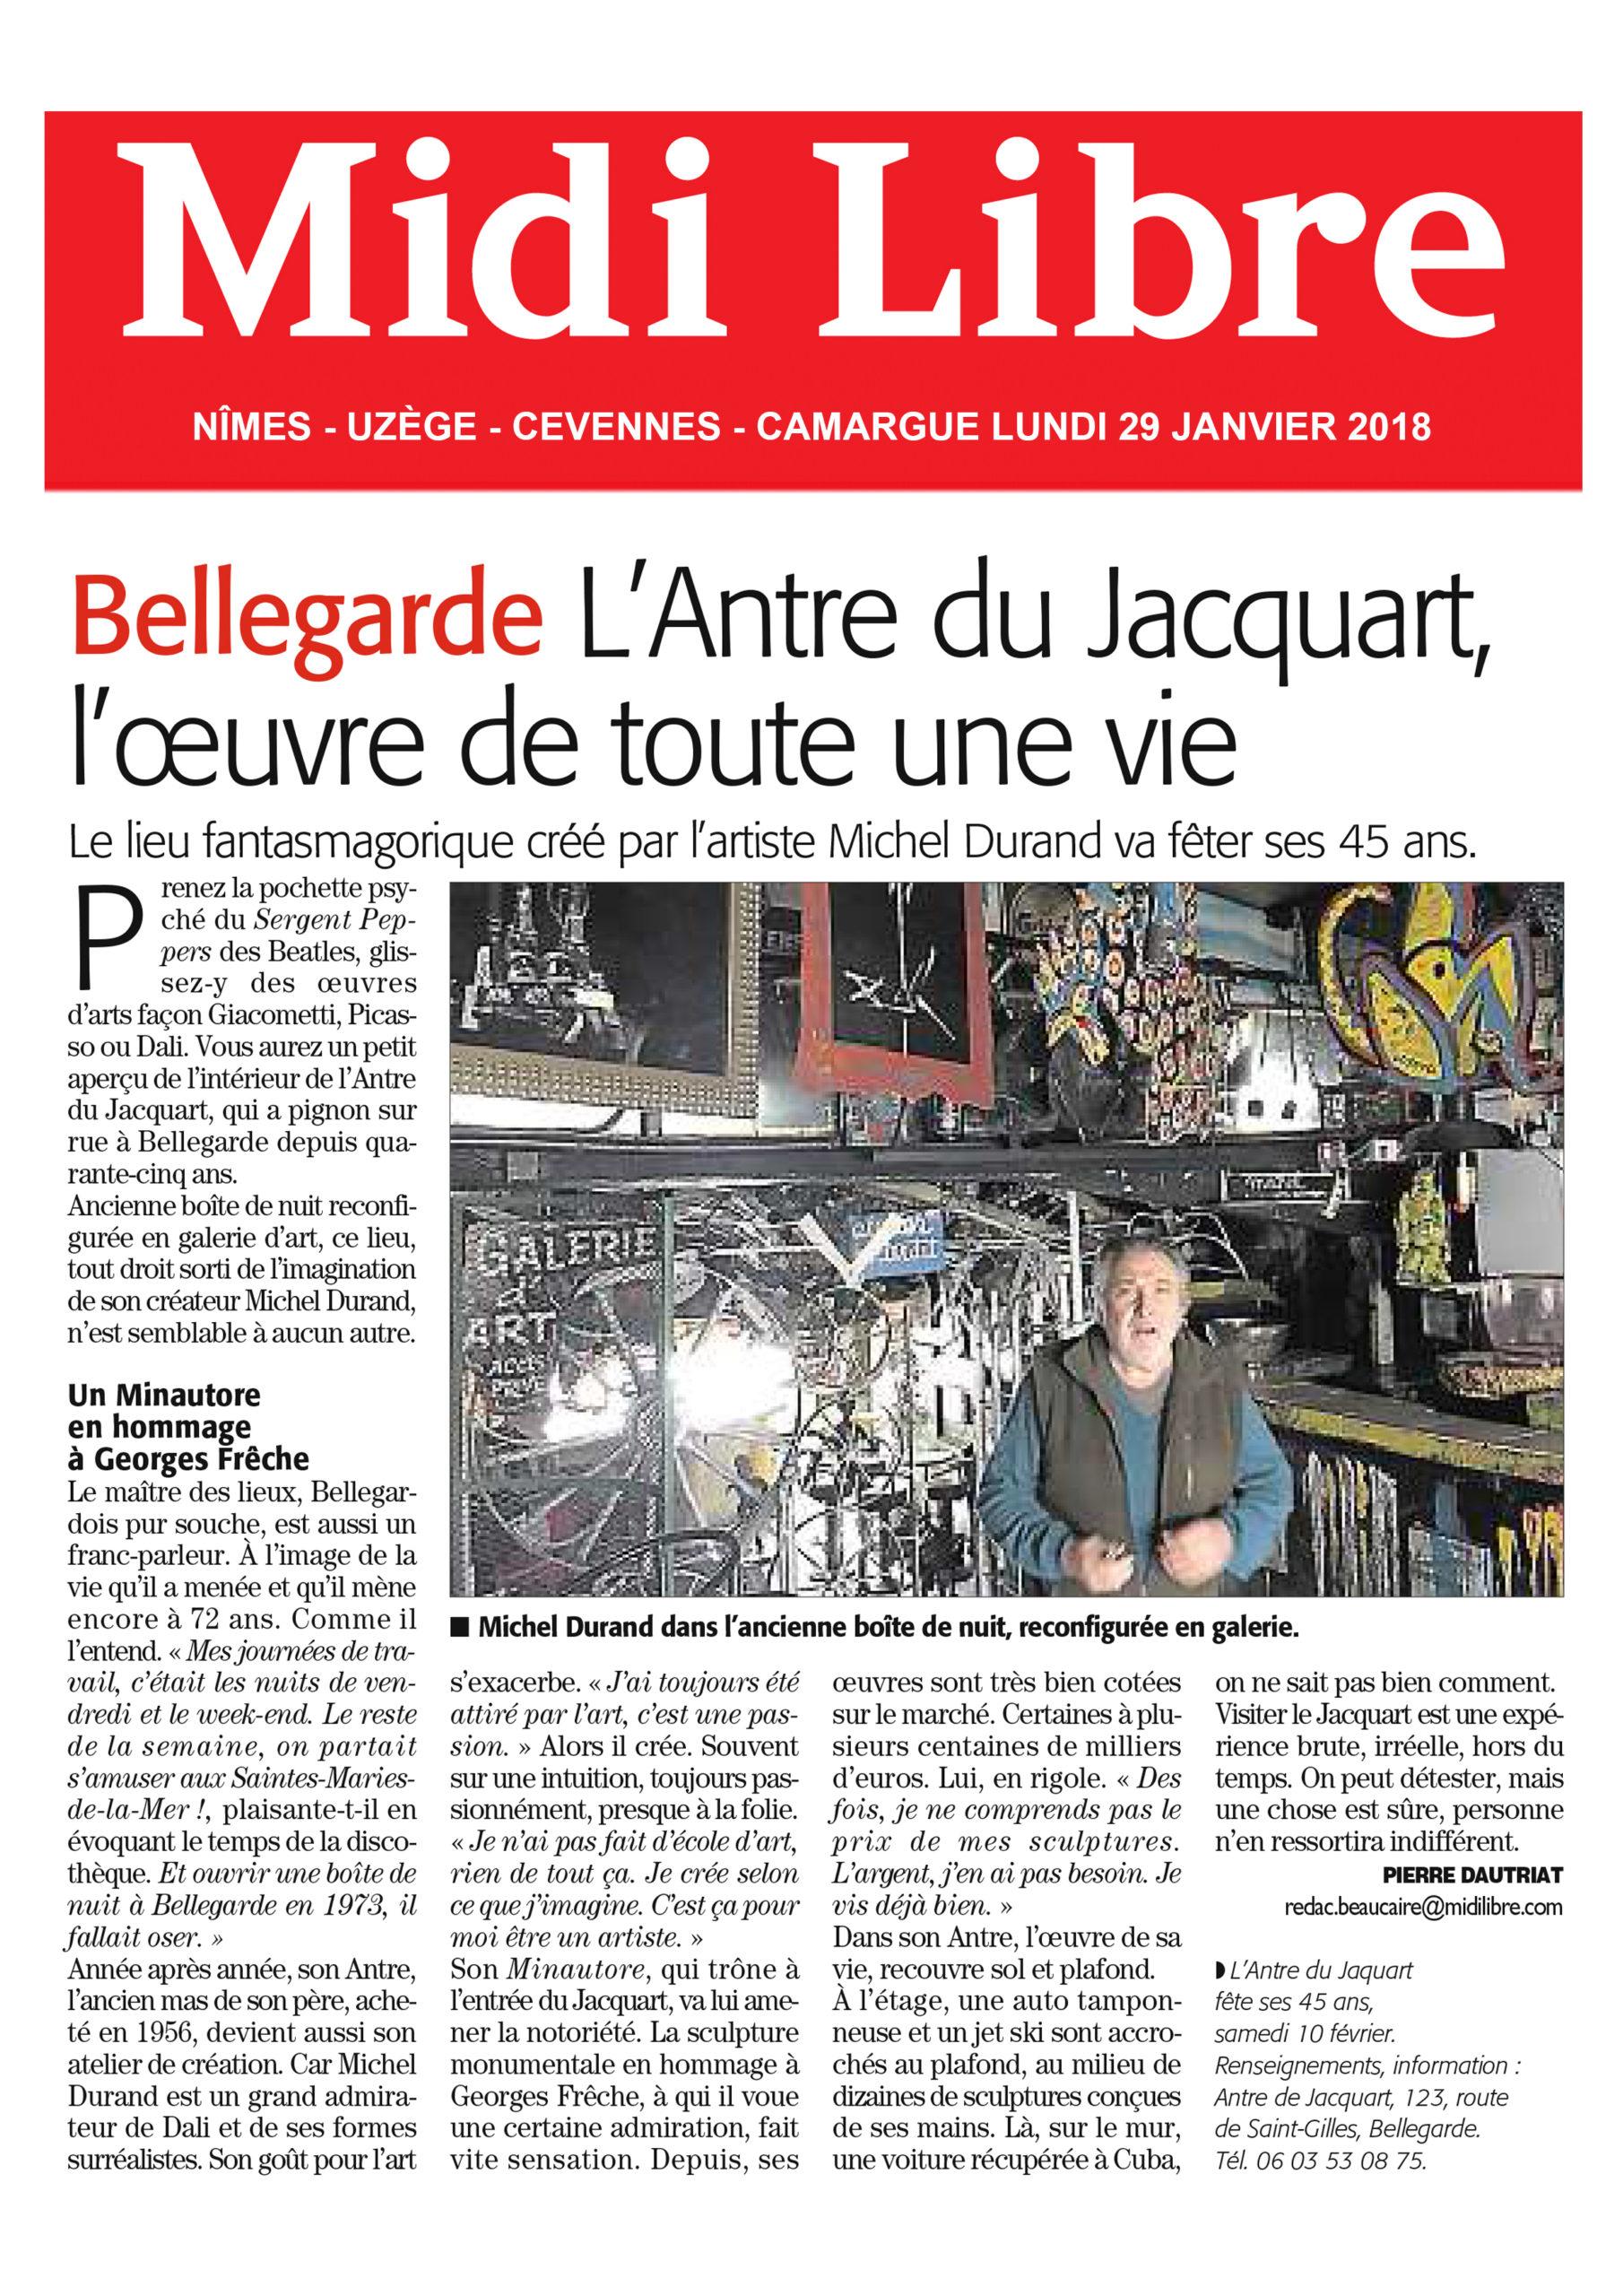 L'Antre du Jacquart - Award for Lifetime Achievement [FR]